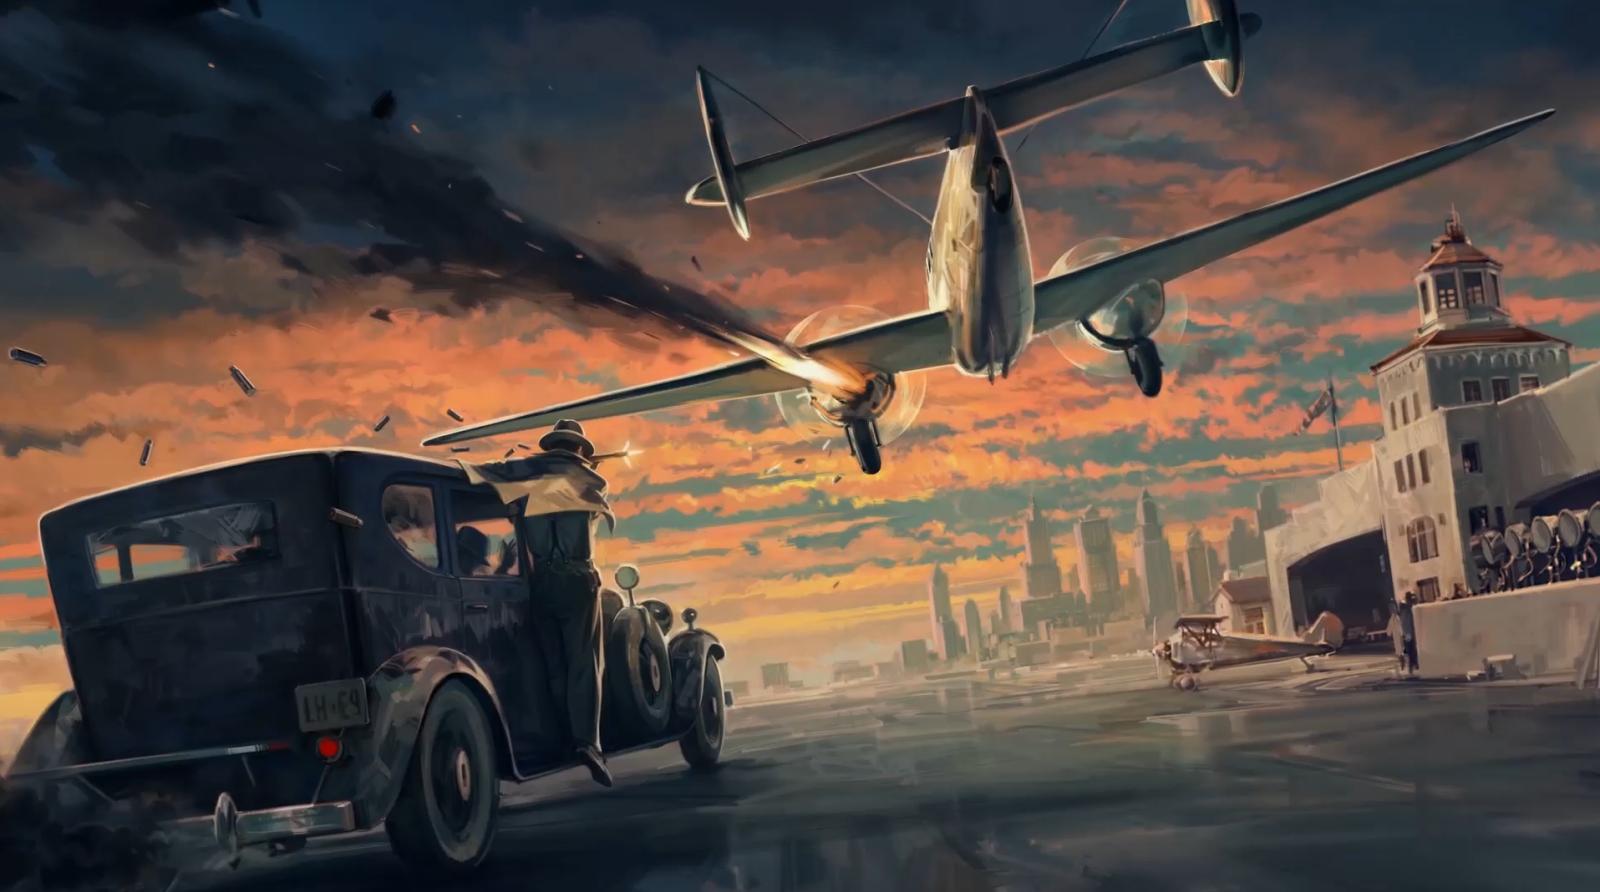 【中文字幕】《四海兄弟 最终版》公布实机演示视频